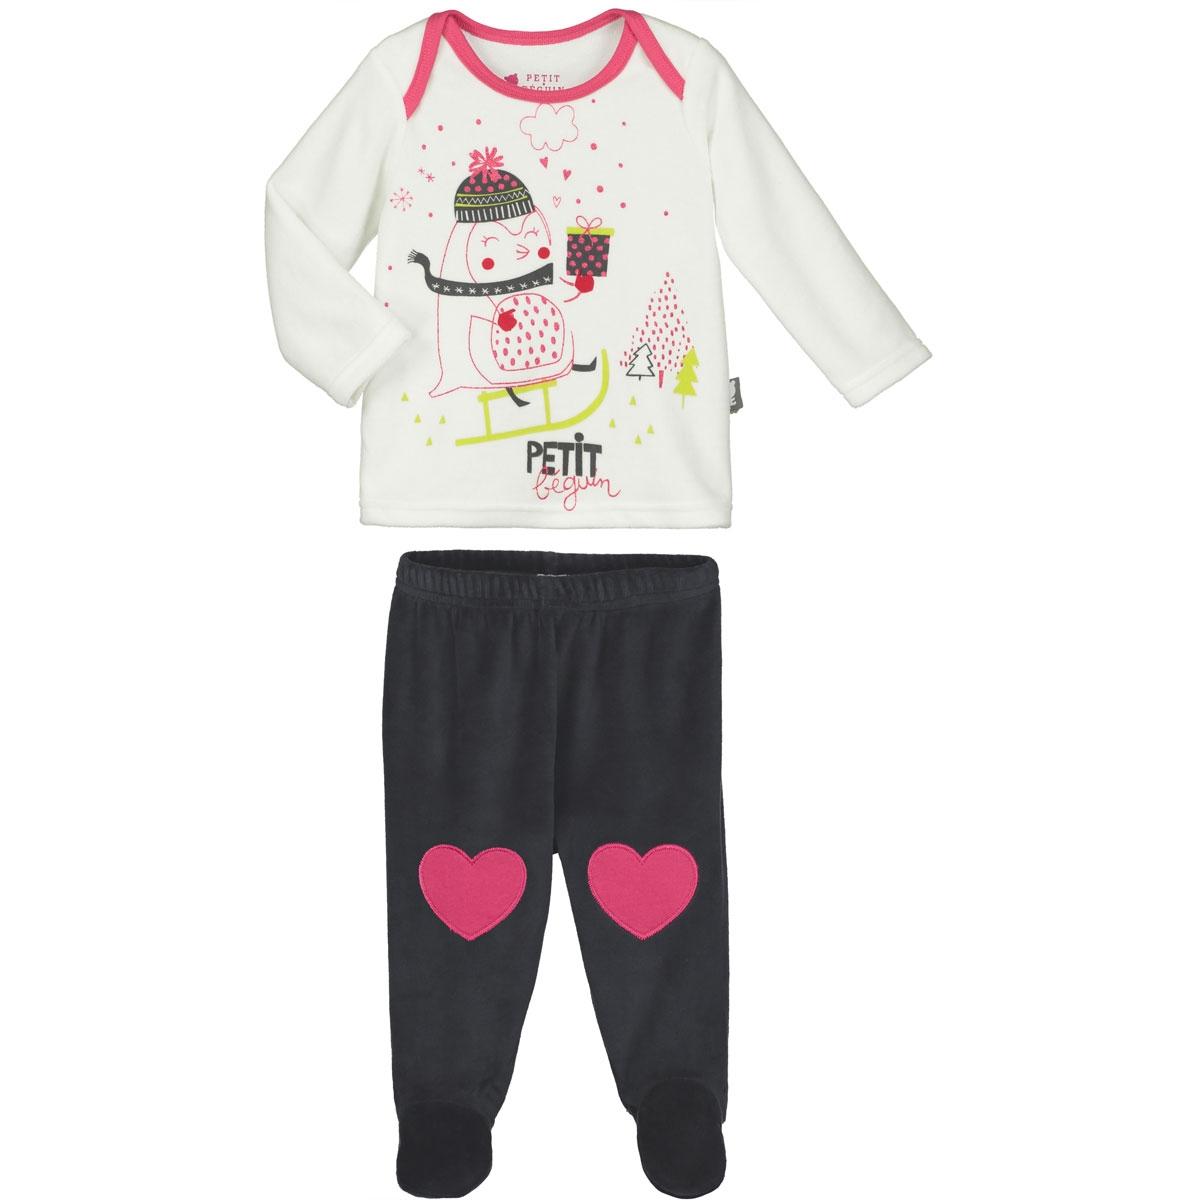 a0b8fa9ad26a7 Pyjama bébé 2 pièces velours avec pieds Lovesnow - PETIT BEGUIN